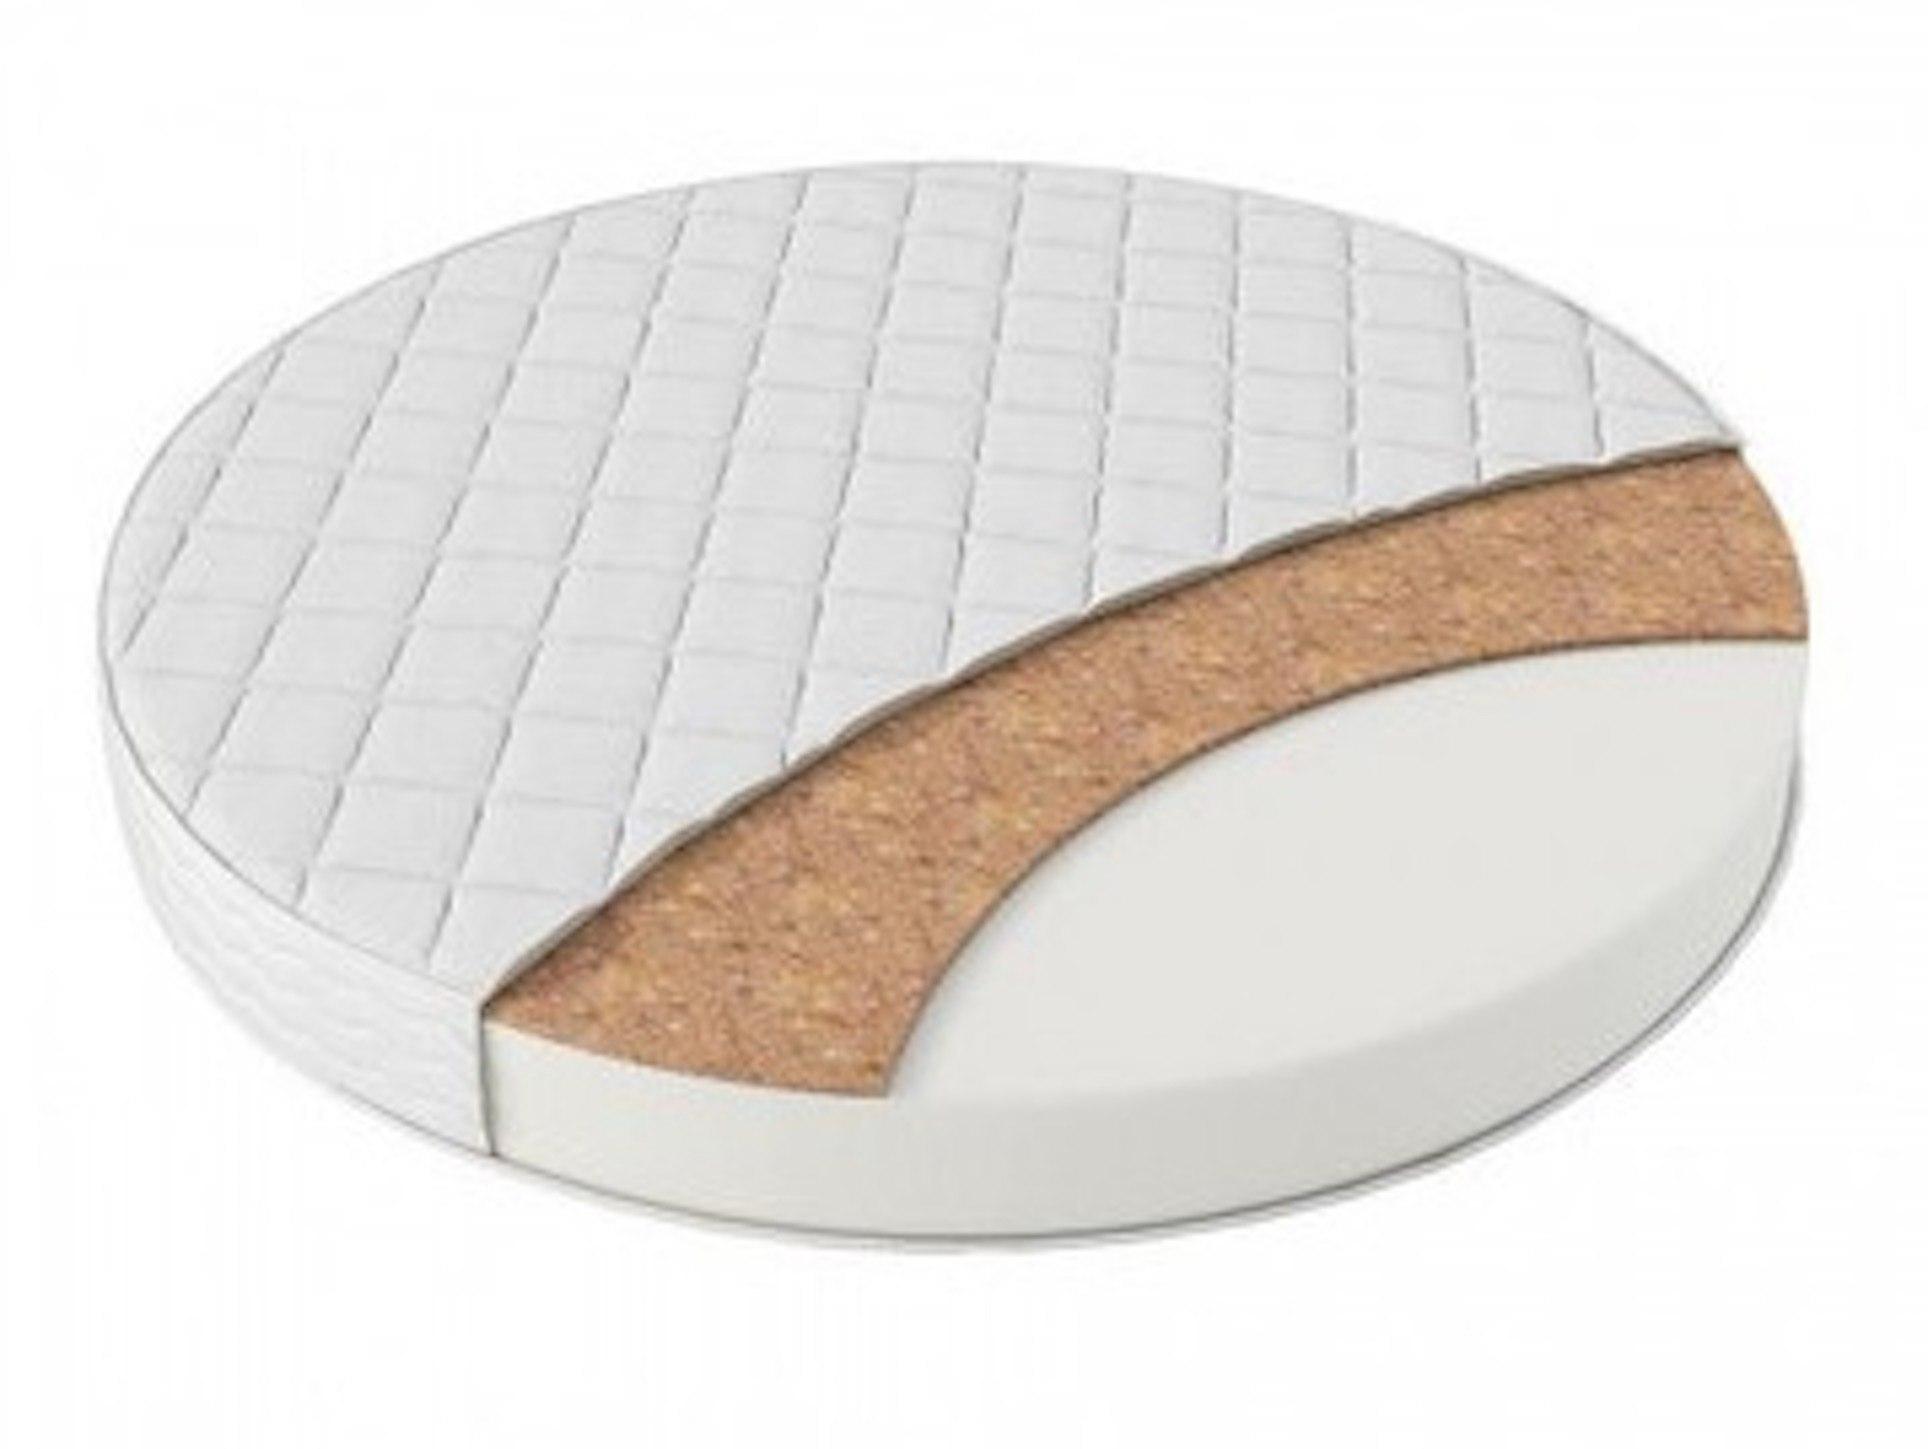 Матрас круглый Inkanto (Холлкон 10см + кокос 1см) 65 см